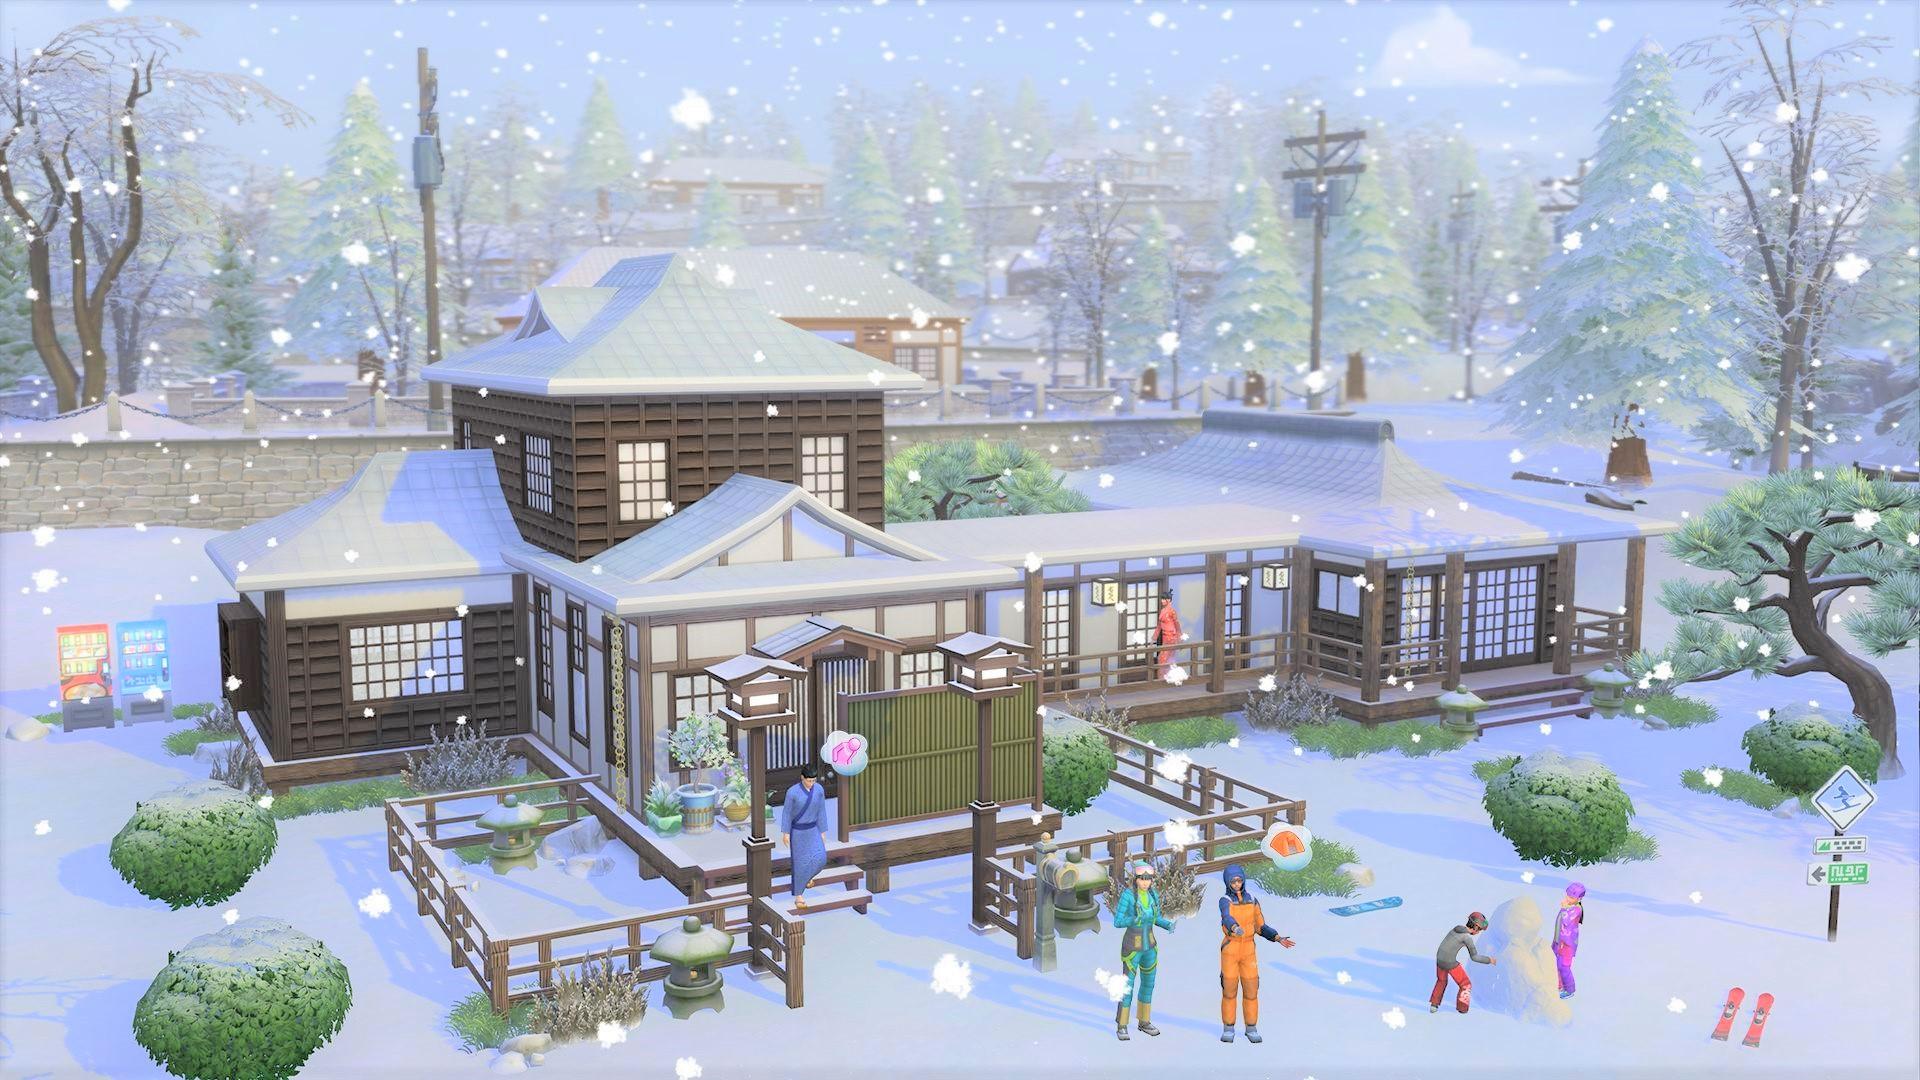 the sims 4 snowy escape cabin wallpaper 73083